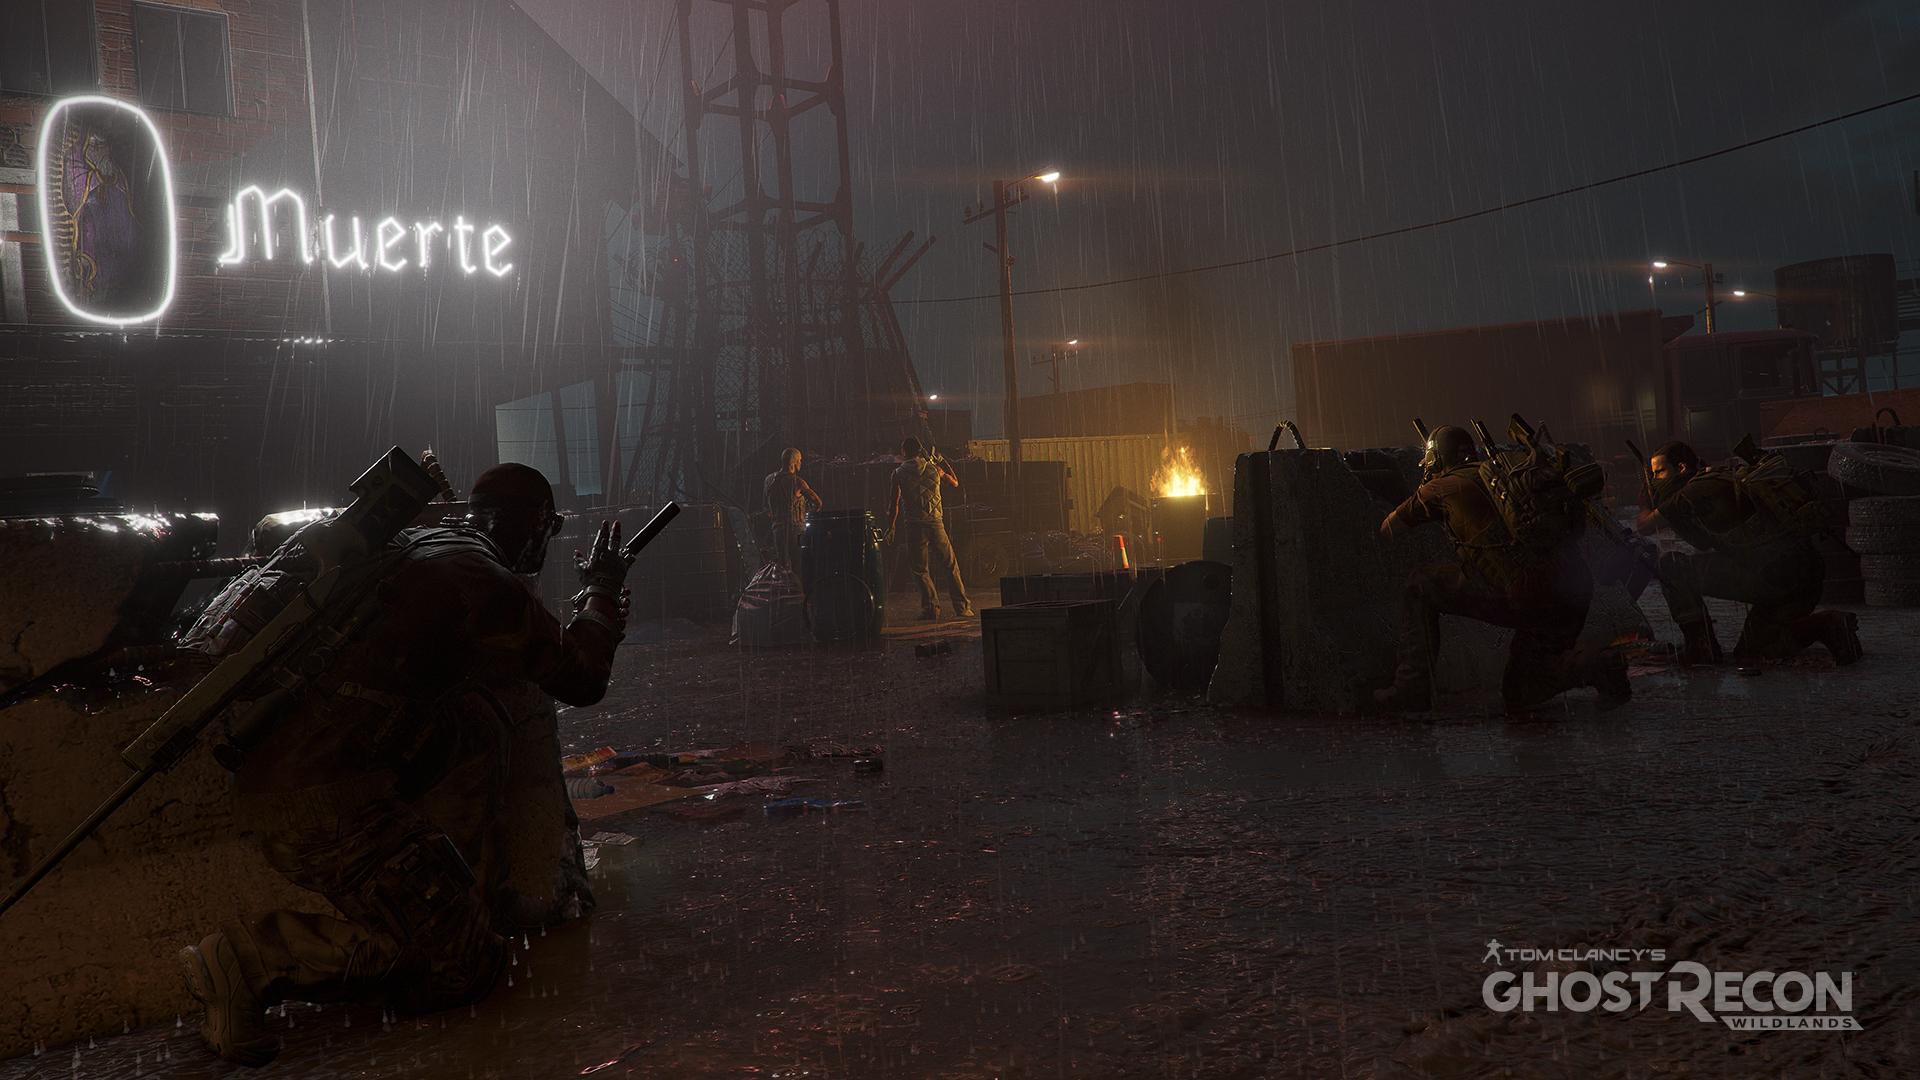 Překvapení E3: Ghost Recon v otevřeném prostředí 110238